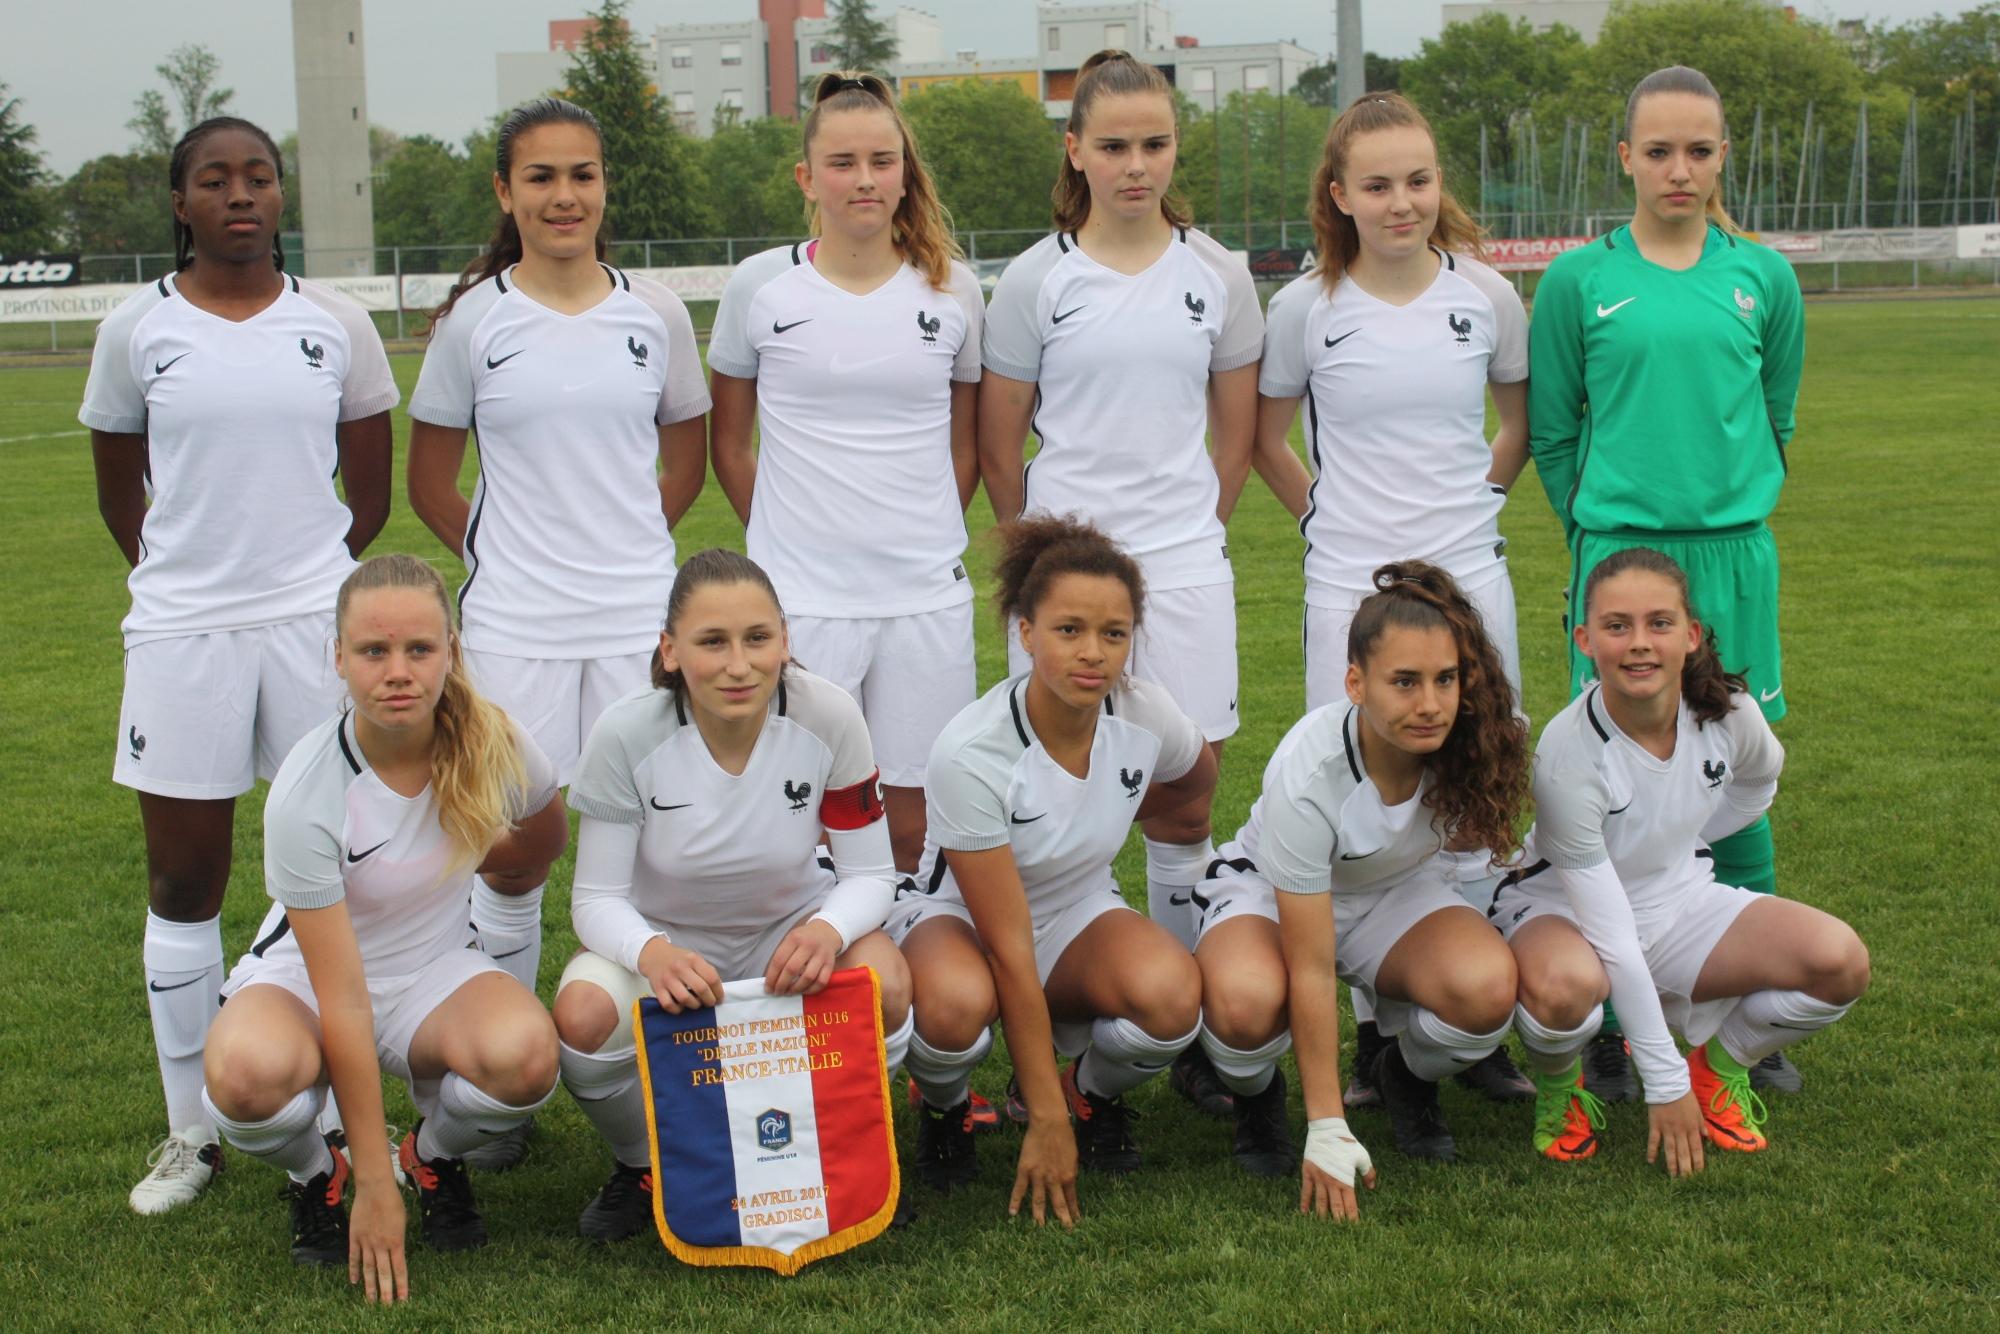 Le onze tricolore (photo Sébastien Duret)